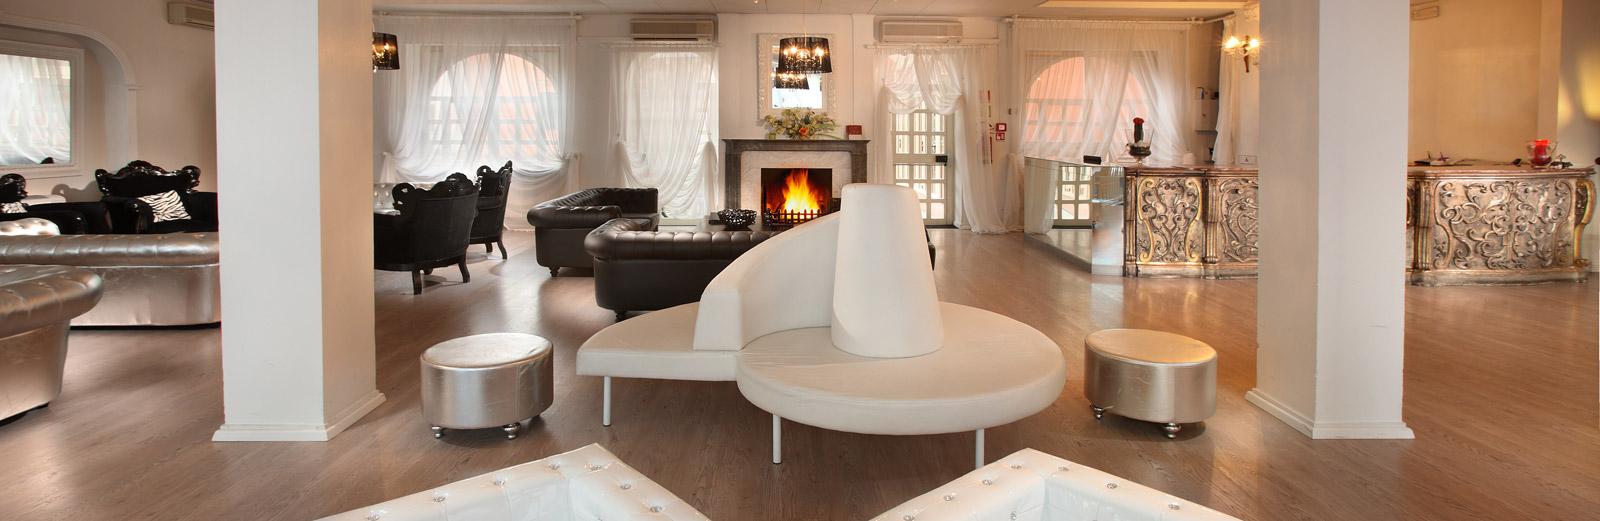 Hotel Manzoni Montecatini Terme | Centro Benessere e SPA